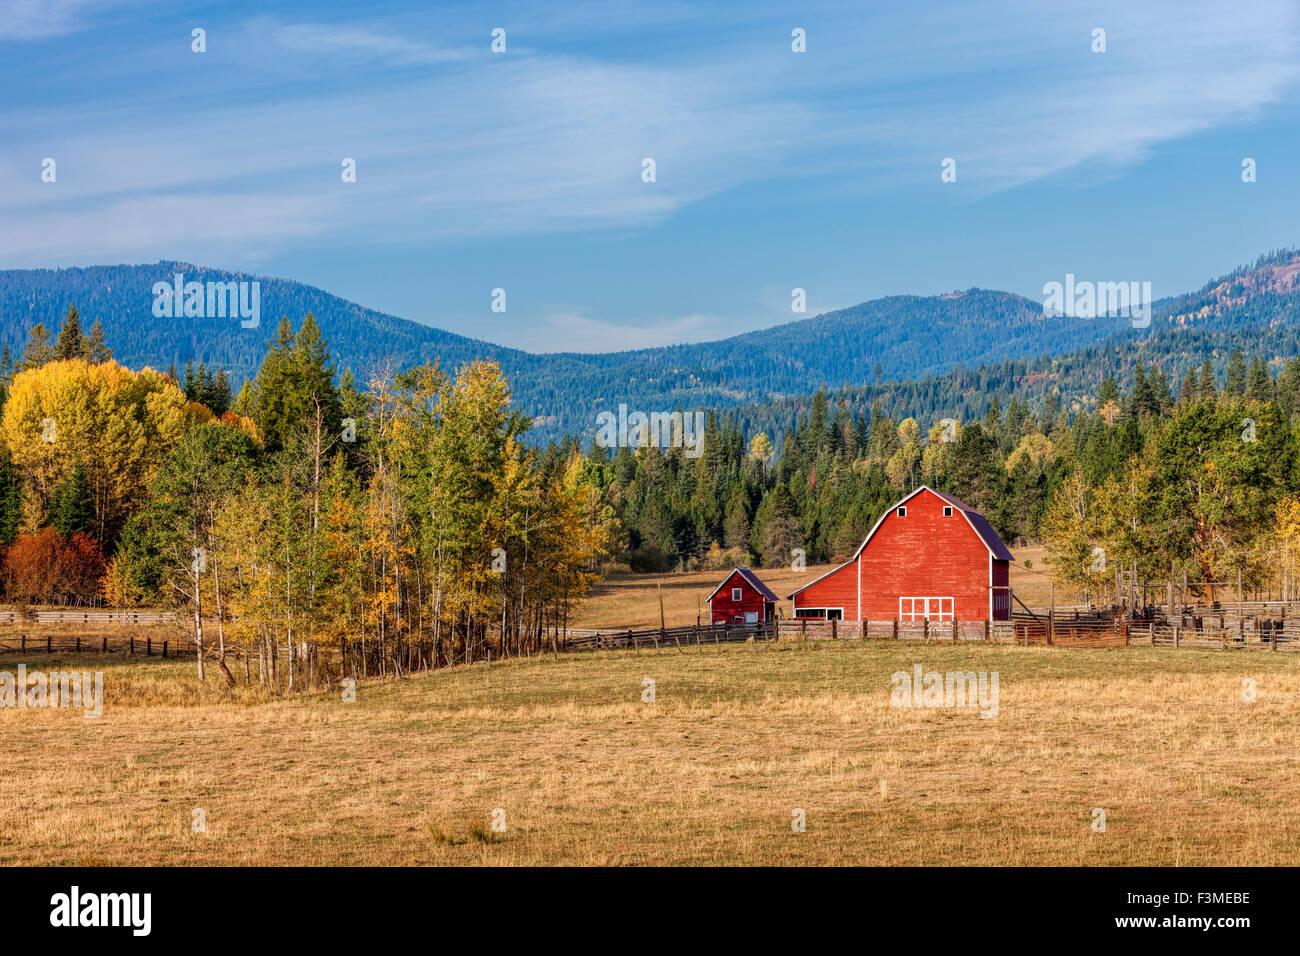 barnyard scene in autumn stock photo 88346146 alamy